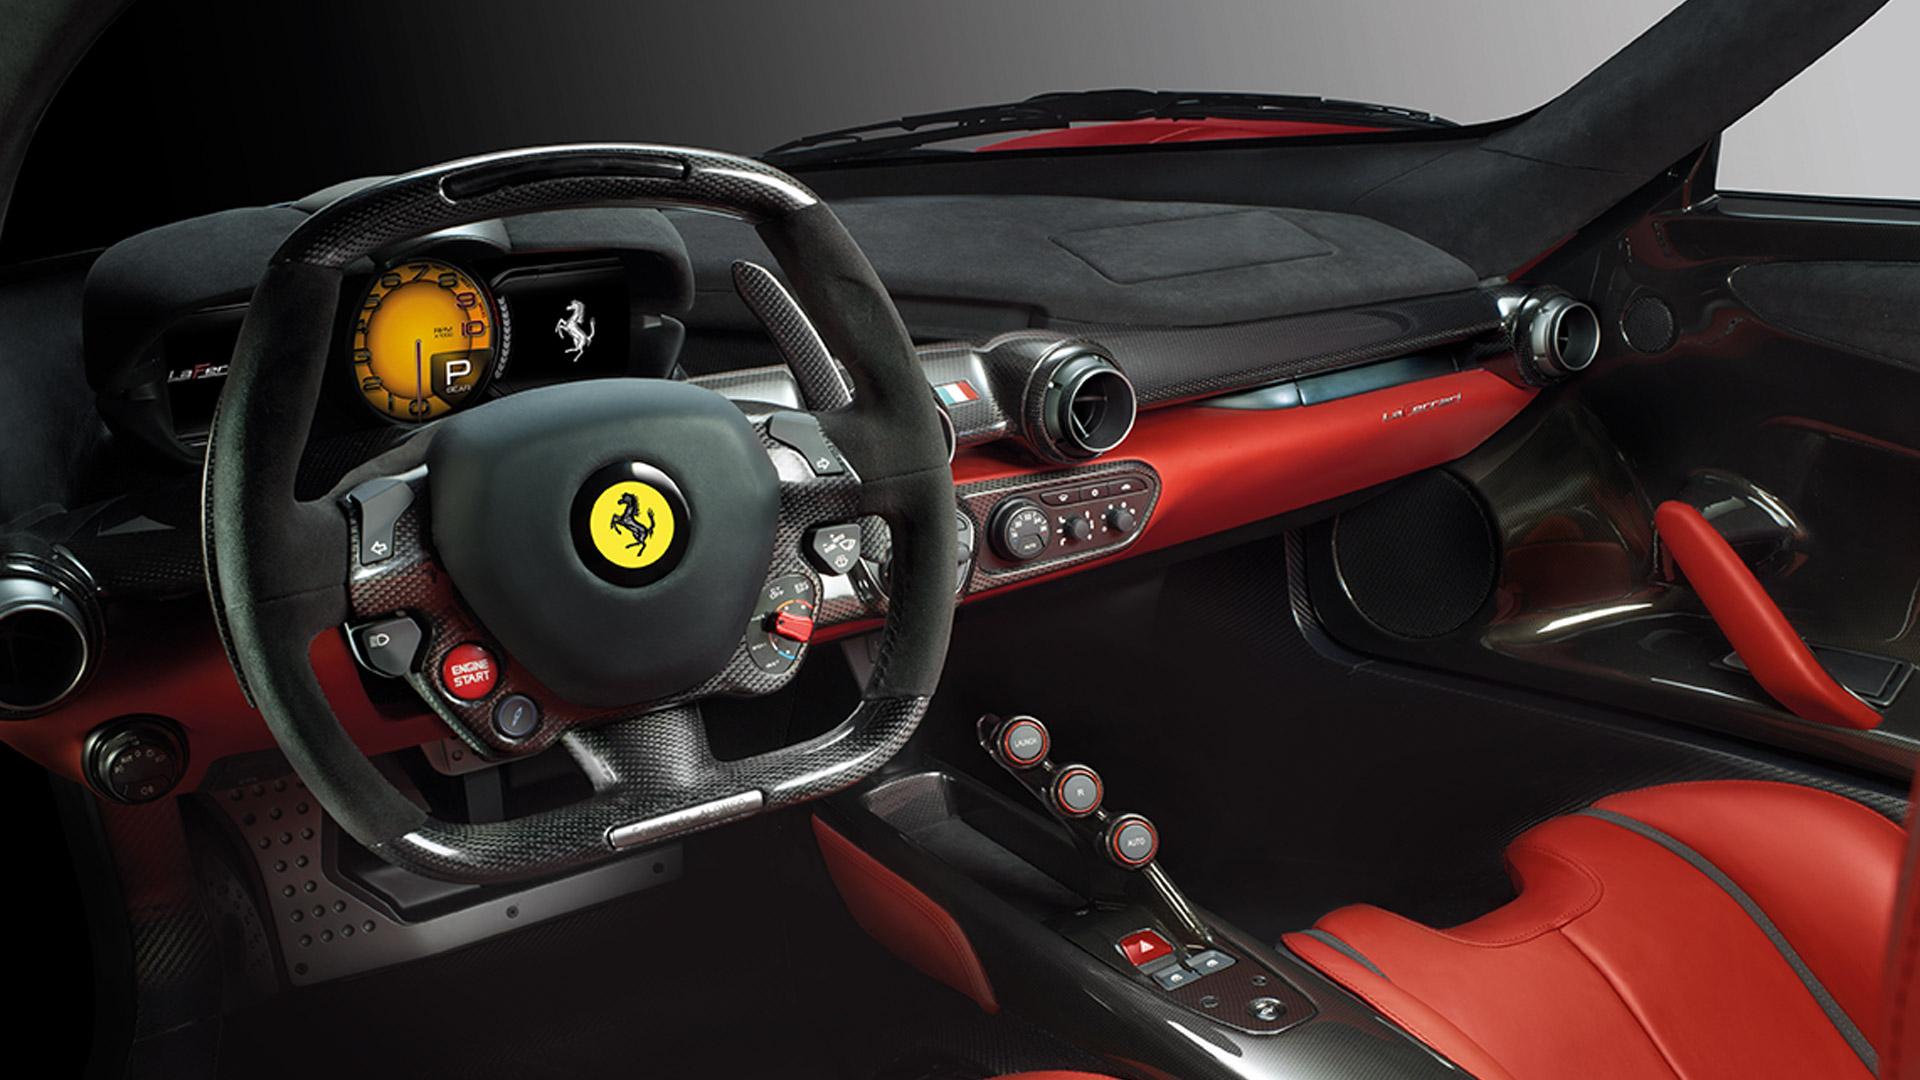 Ferrari LaFerrari 2015 STD Interior